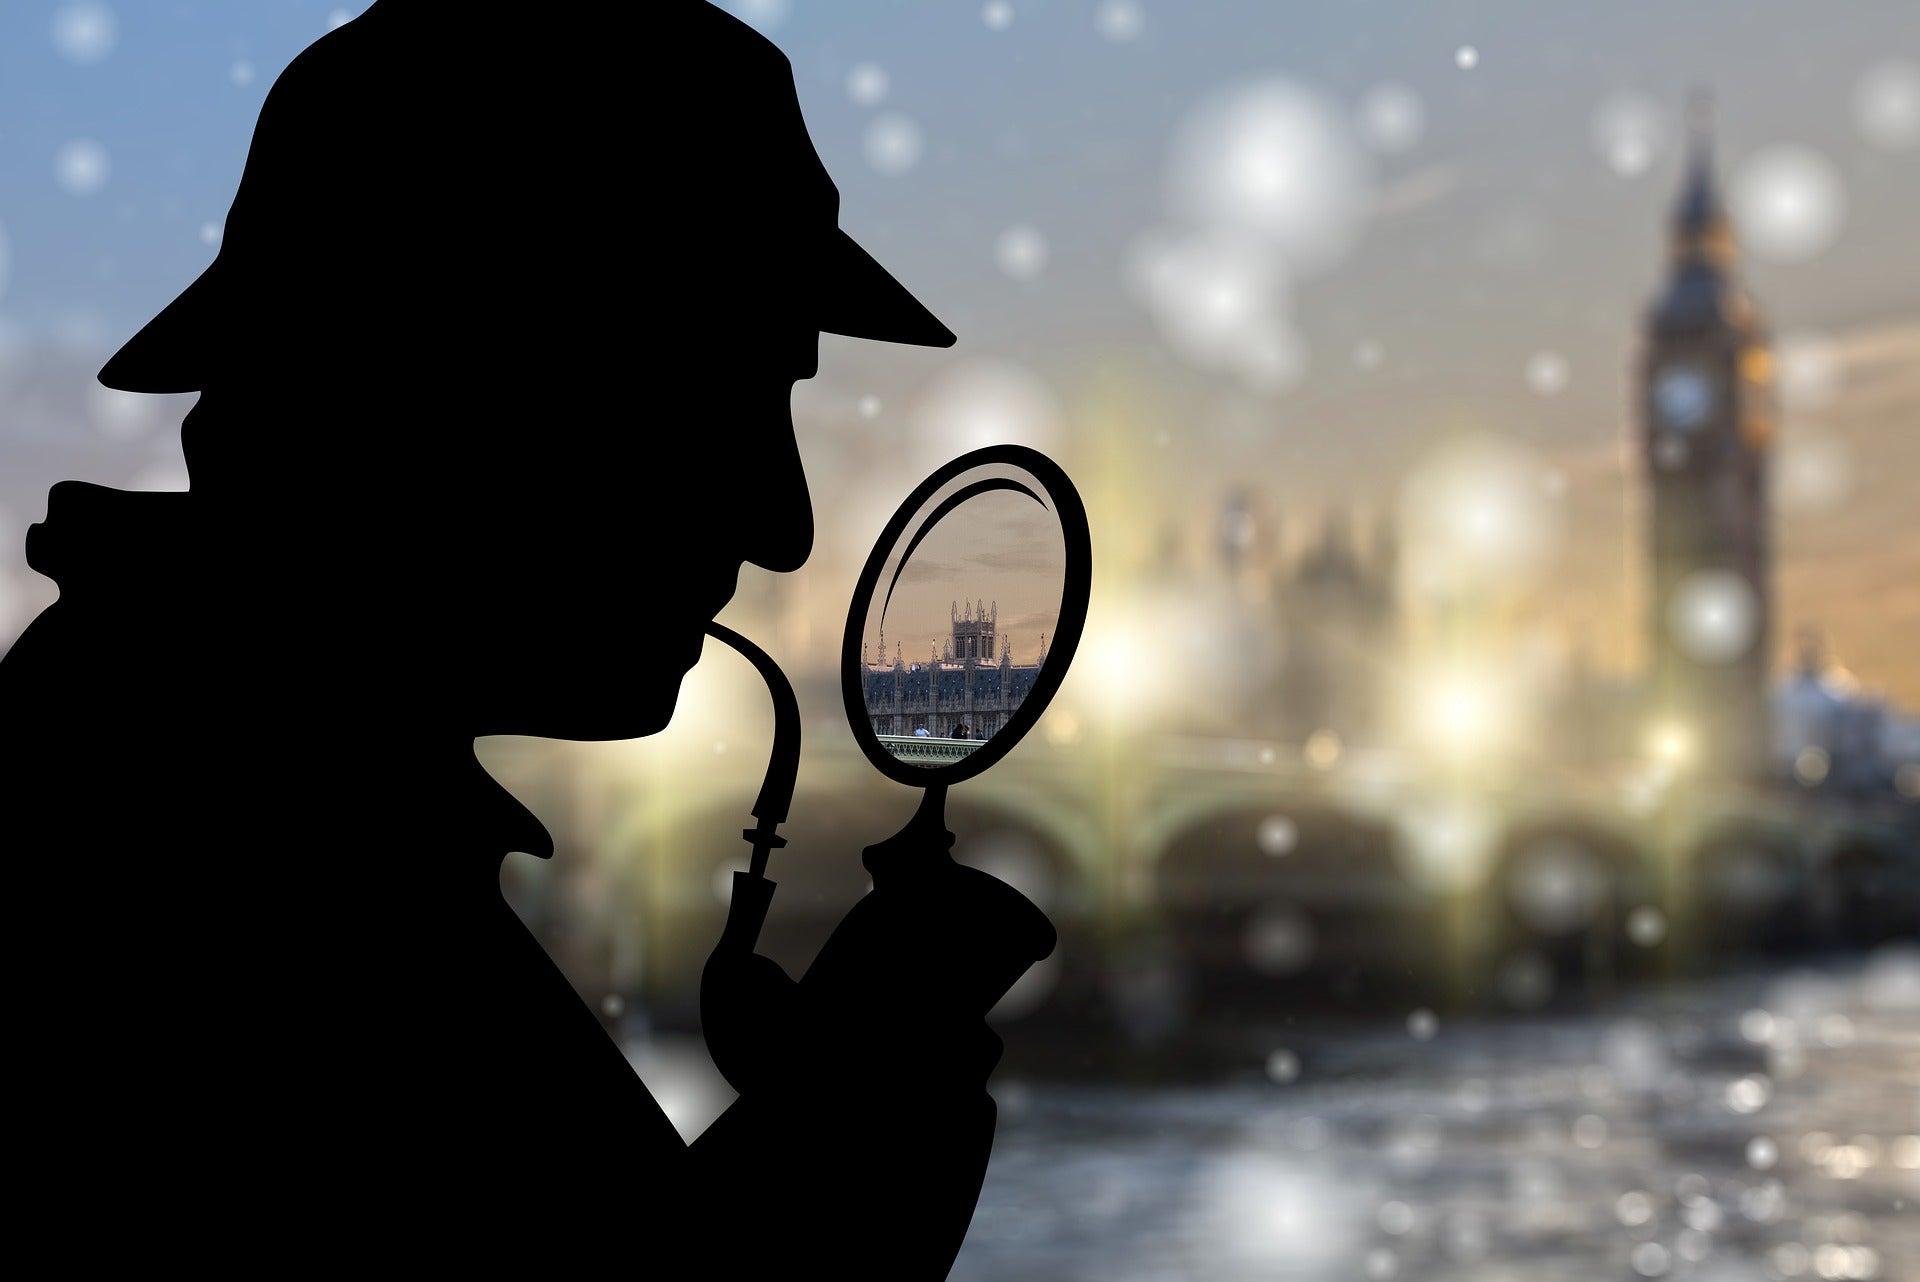 El Callejón: Vuelve Sherlock Holmes